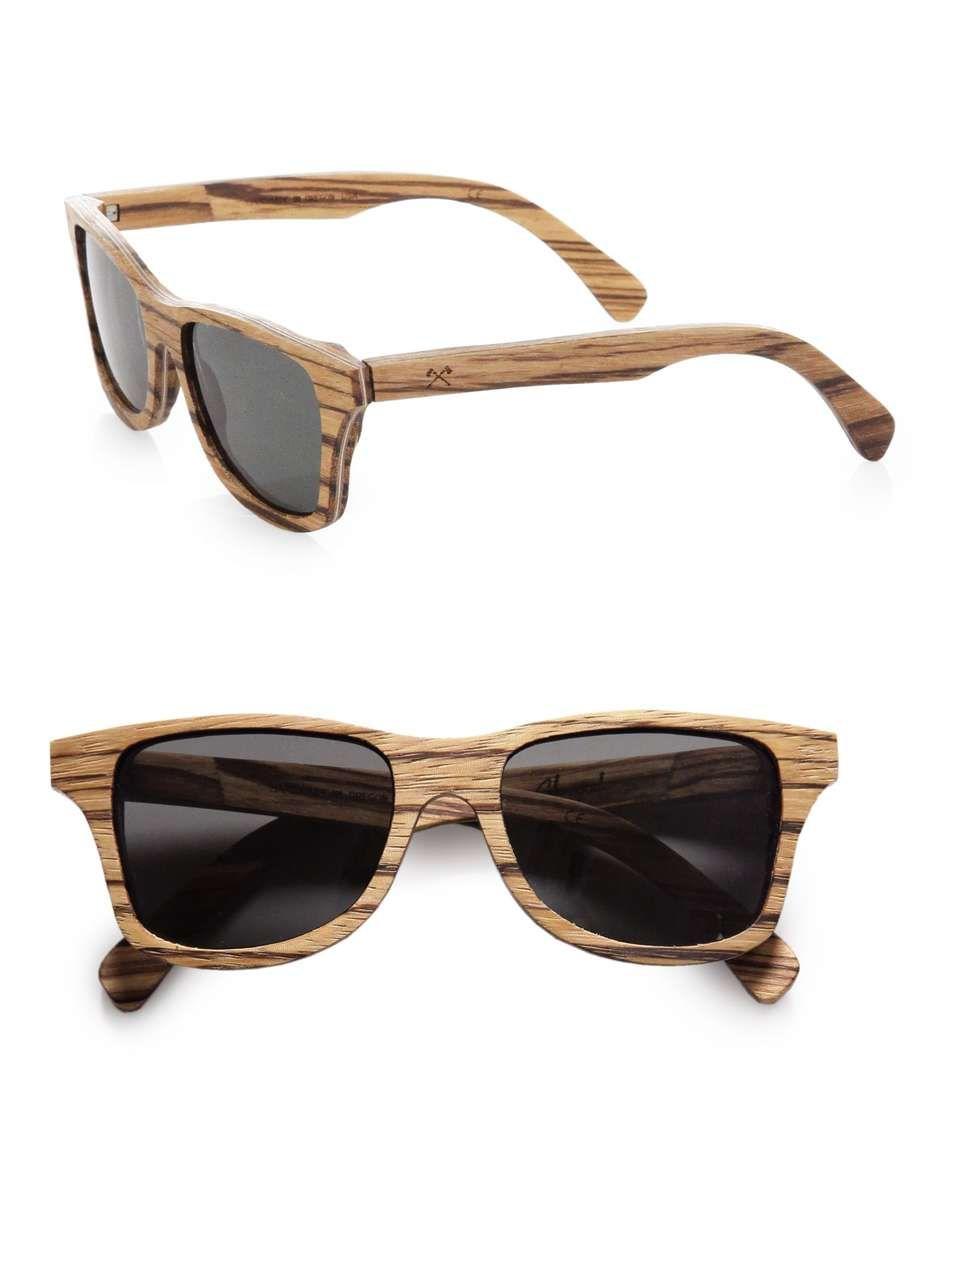 d6ca0ff7b83e9 Shwood Canby Wood Wayfarer Sunglasses